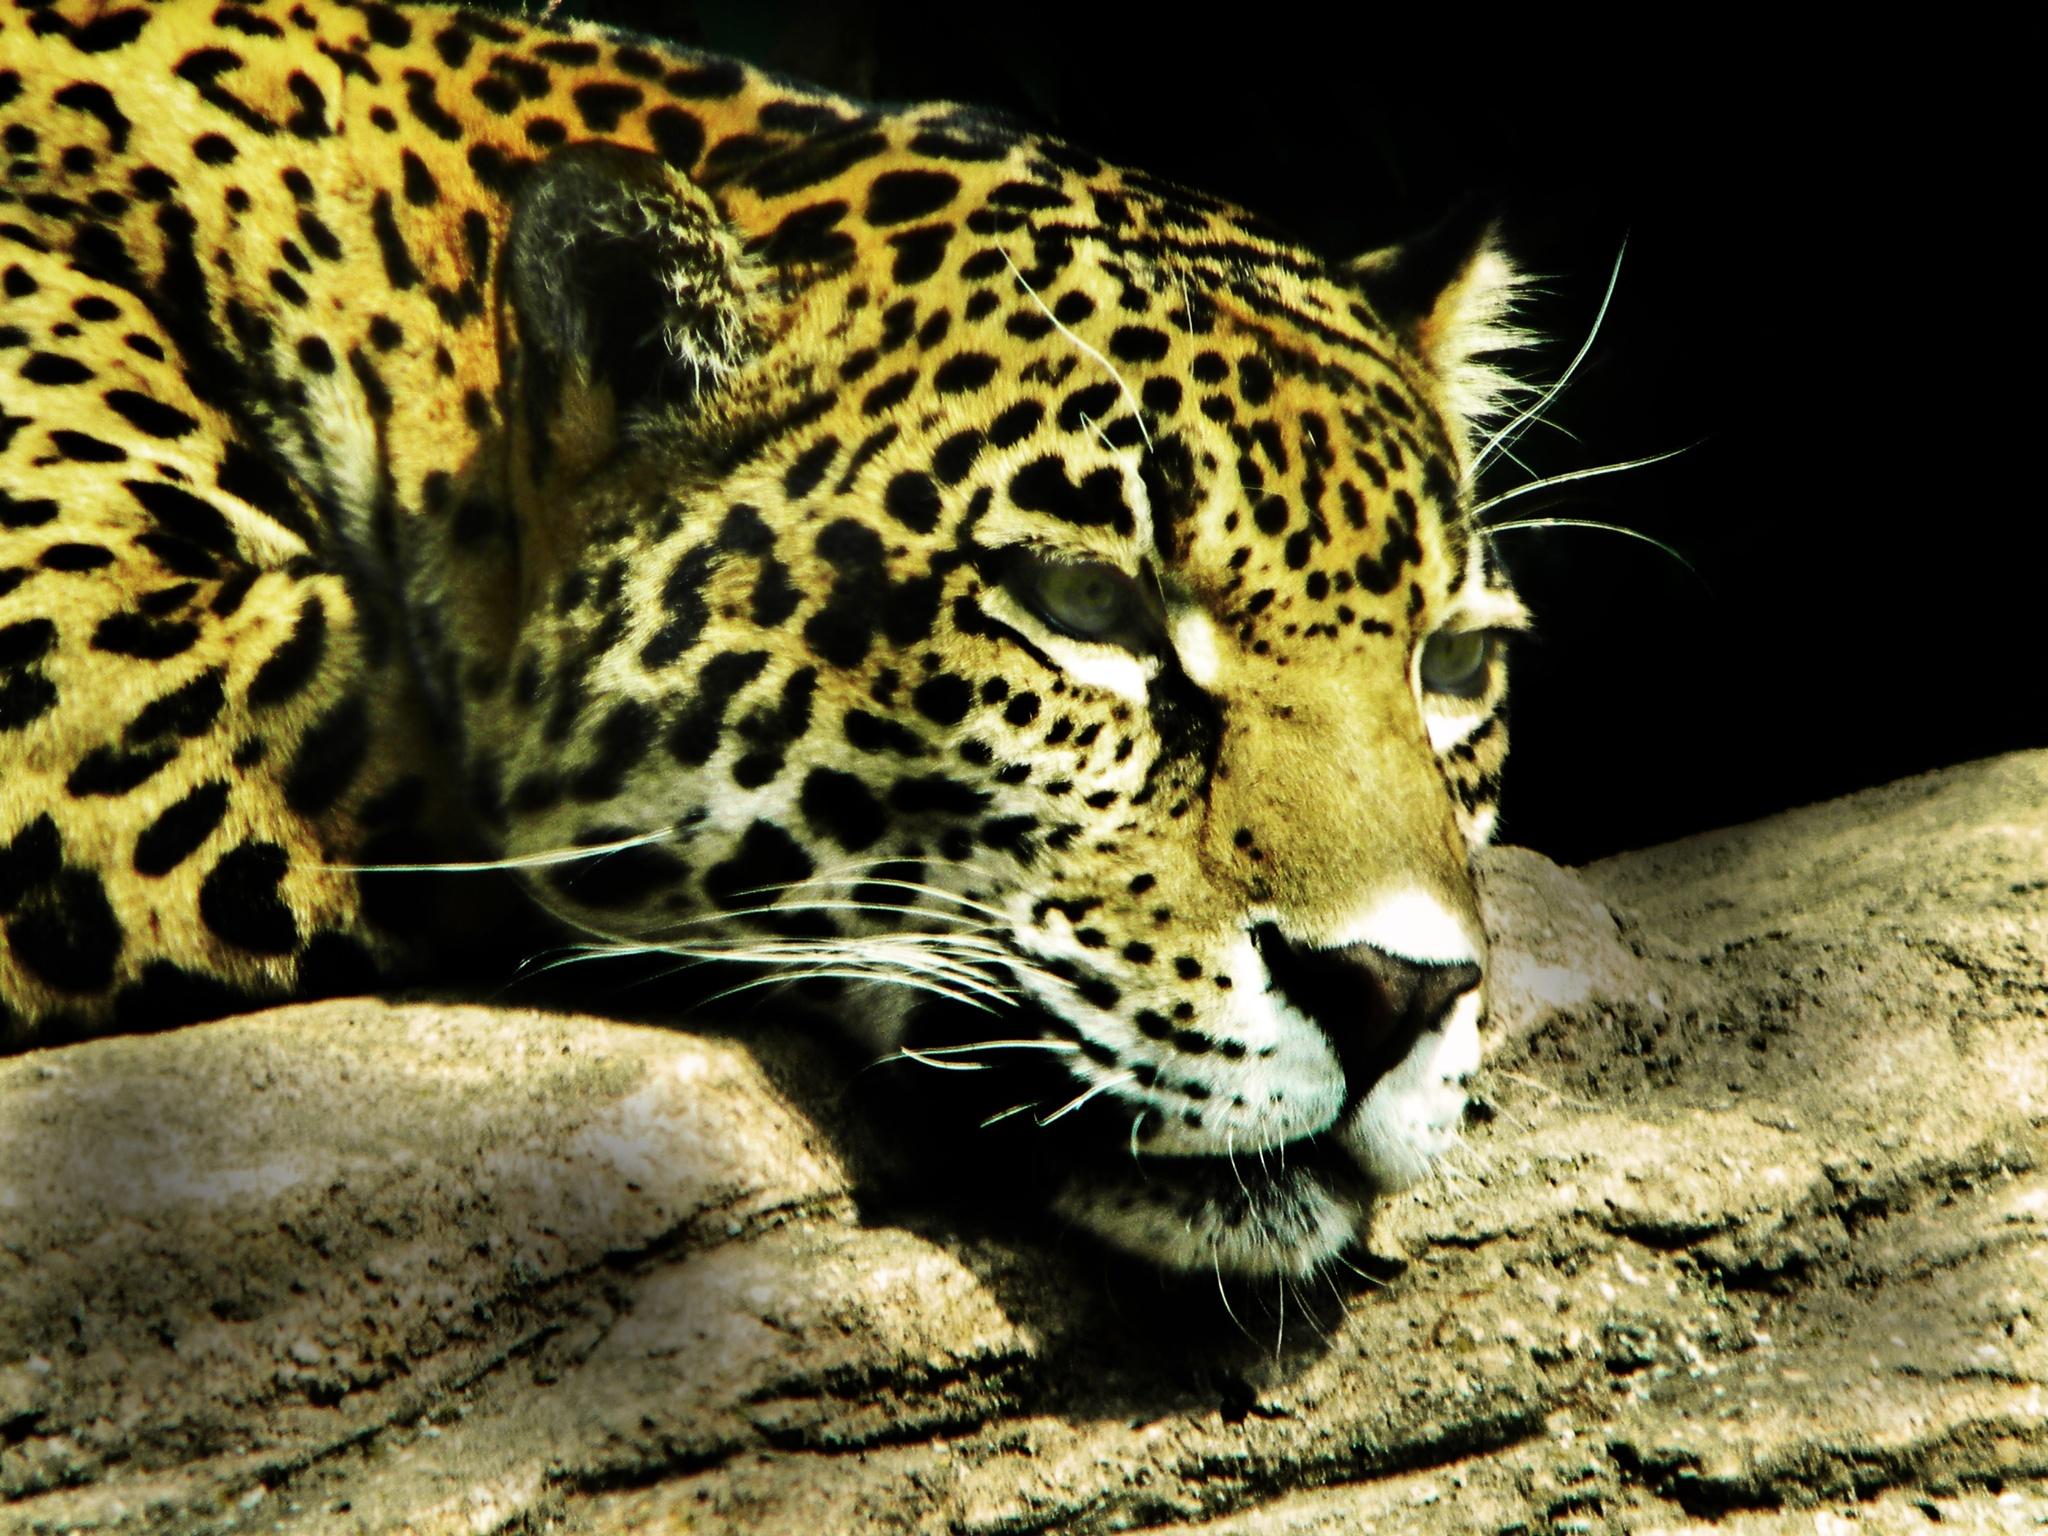 Jaguar In Low Key by Phillip W. Strunk